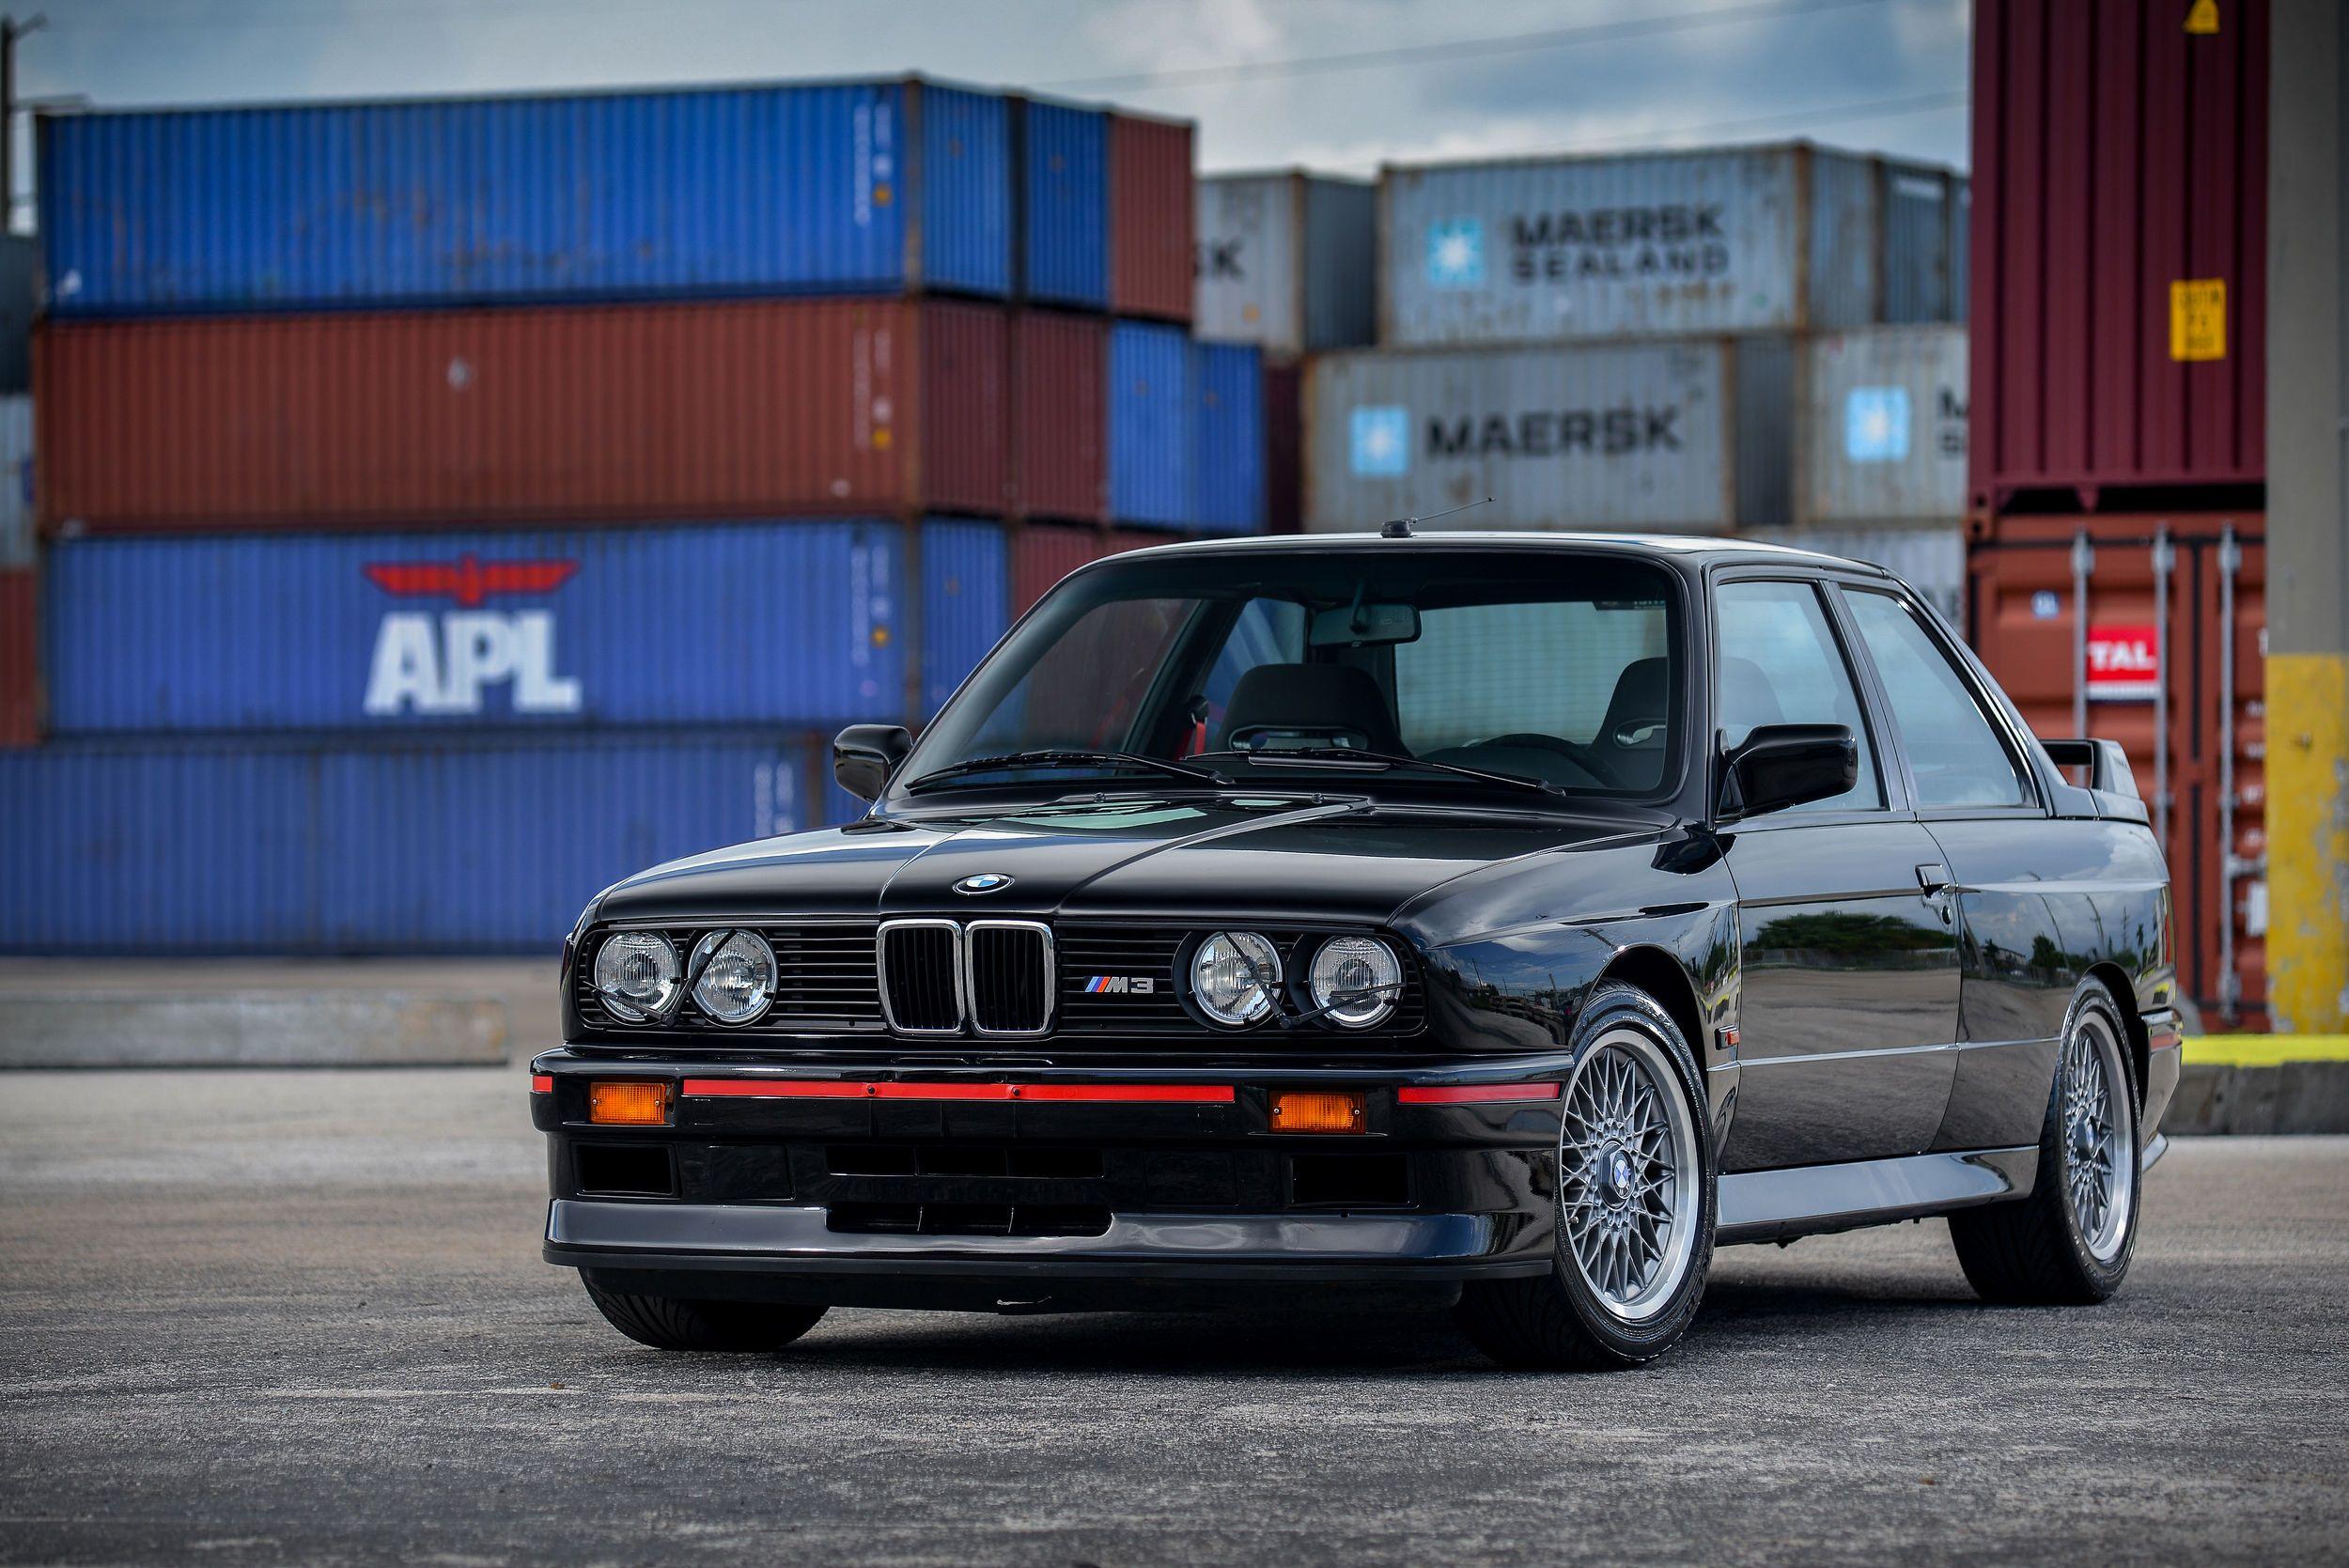 BMW M3 1989 Bmw, Bmw m3 sport, Bmw m3